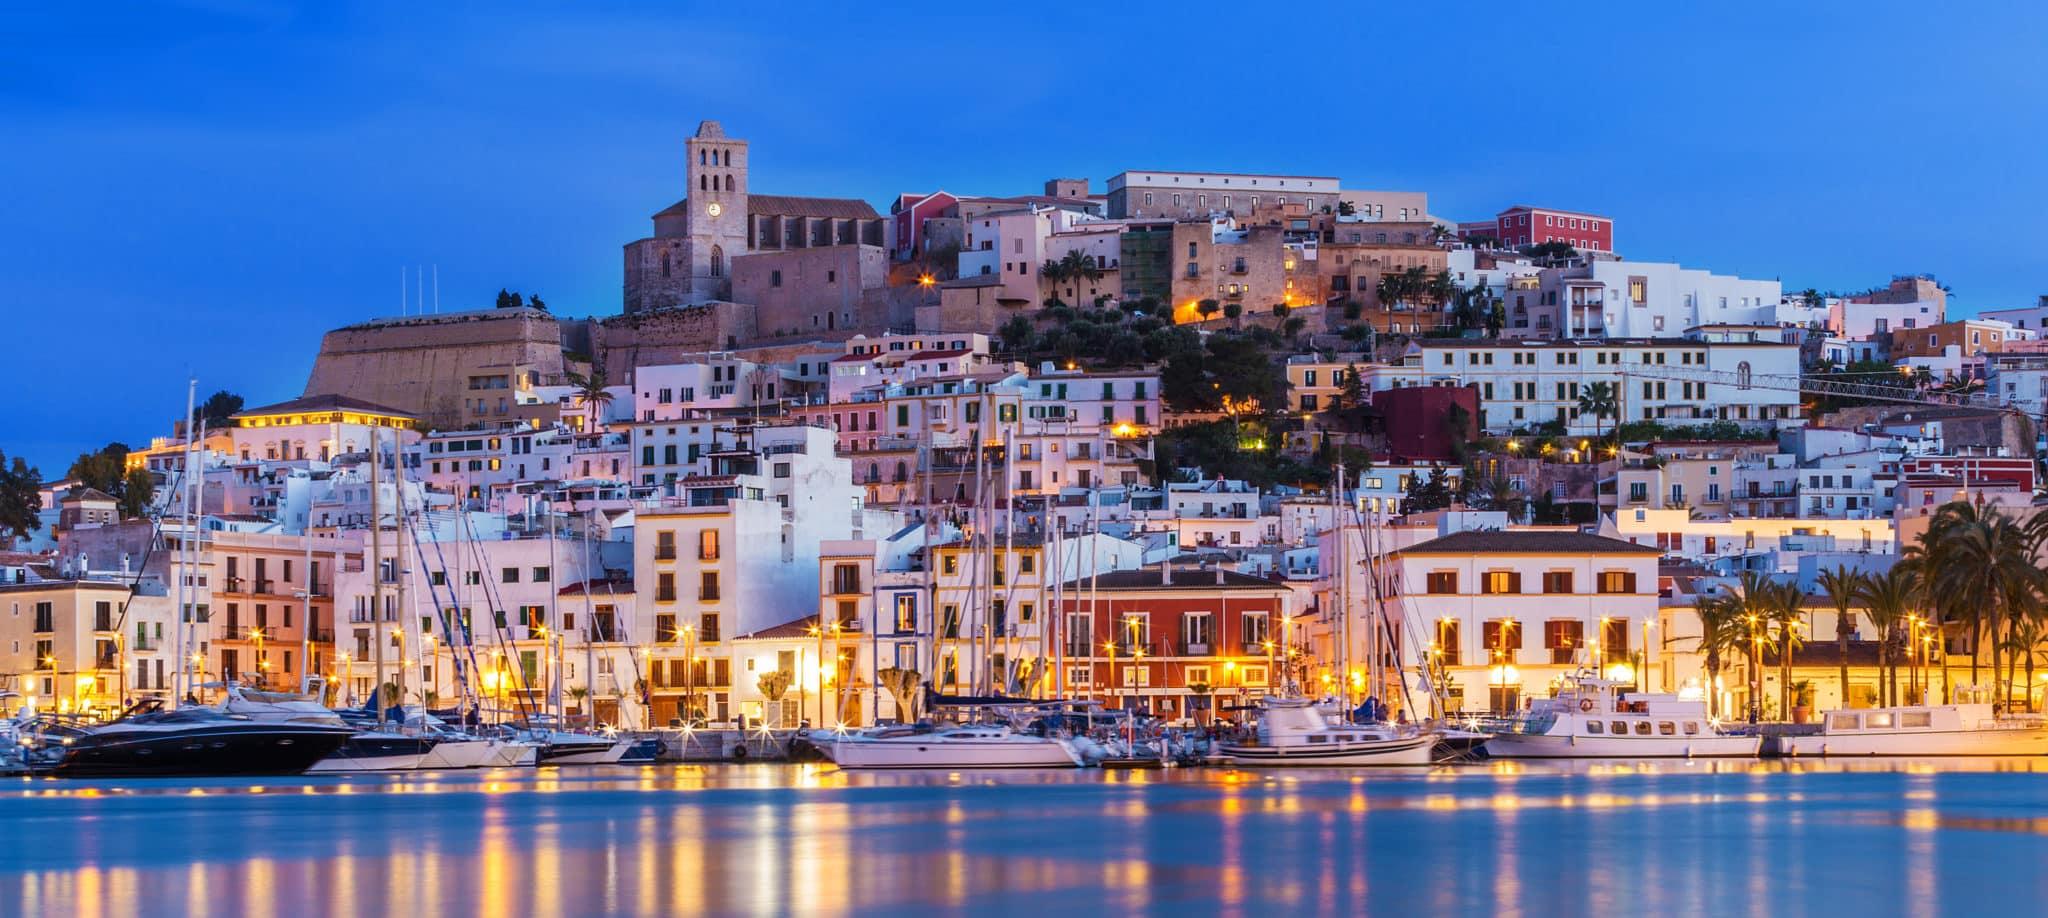 Traductores oficiales Ibiza y traductor jurado Eivissa